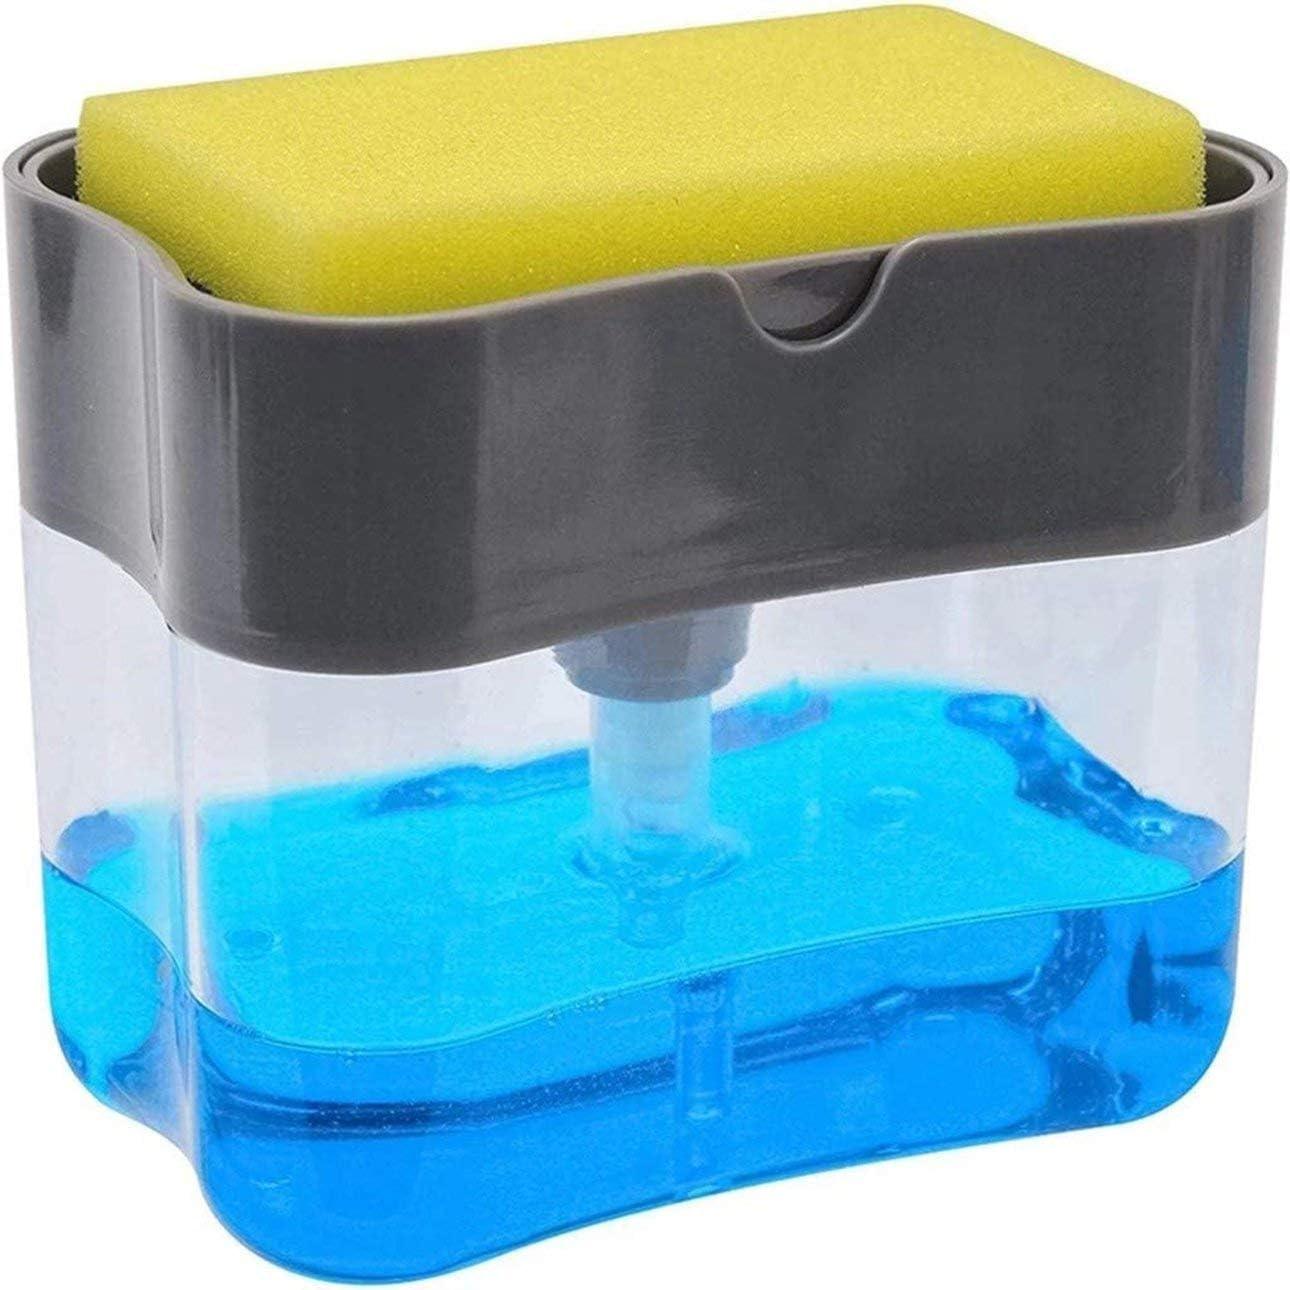 Ba30DEllylelly Dispensador de Bomba de jabón portátil y Soporte de Esponja para Plato de Cocina Dispensador de jabón y Esponja Caja de líquido